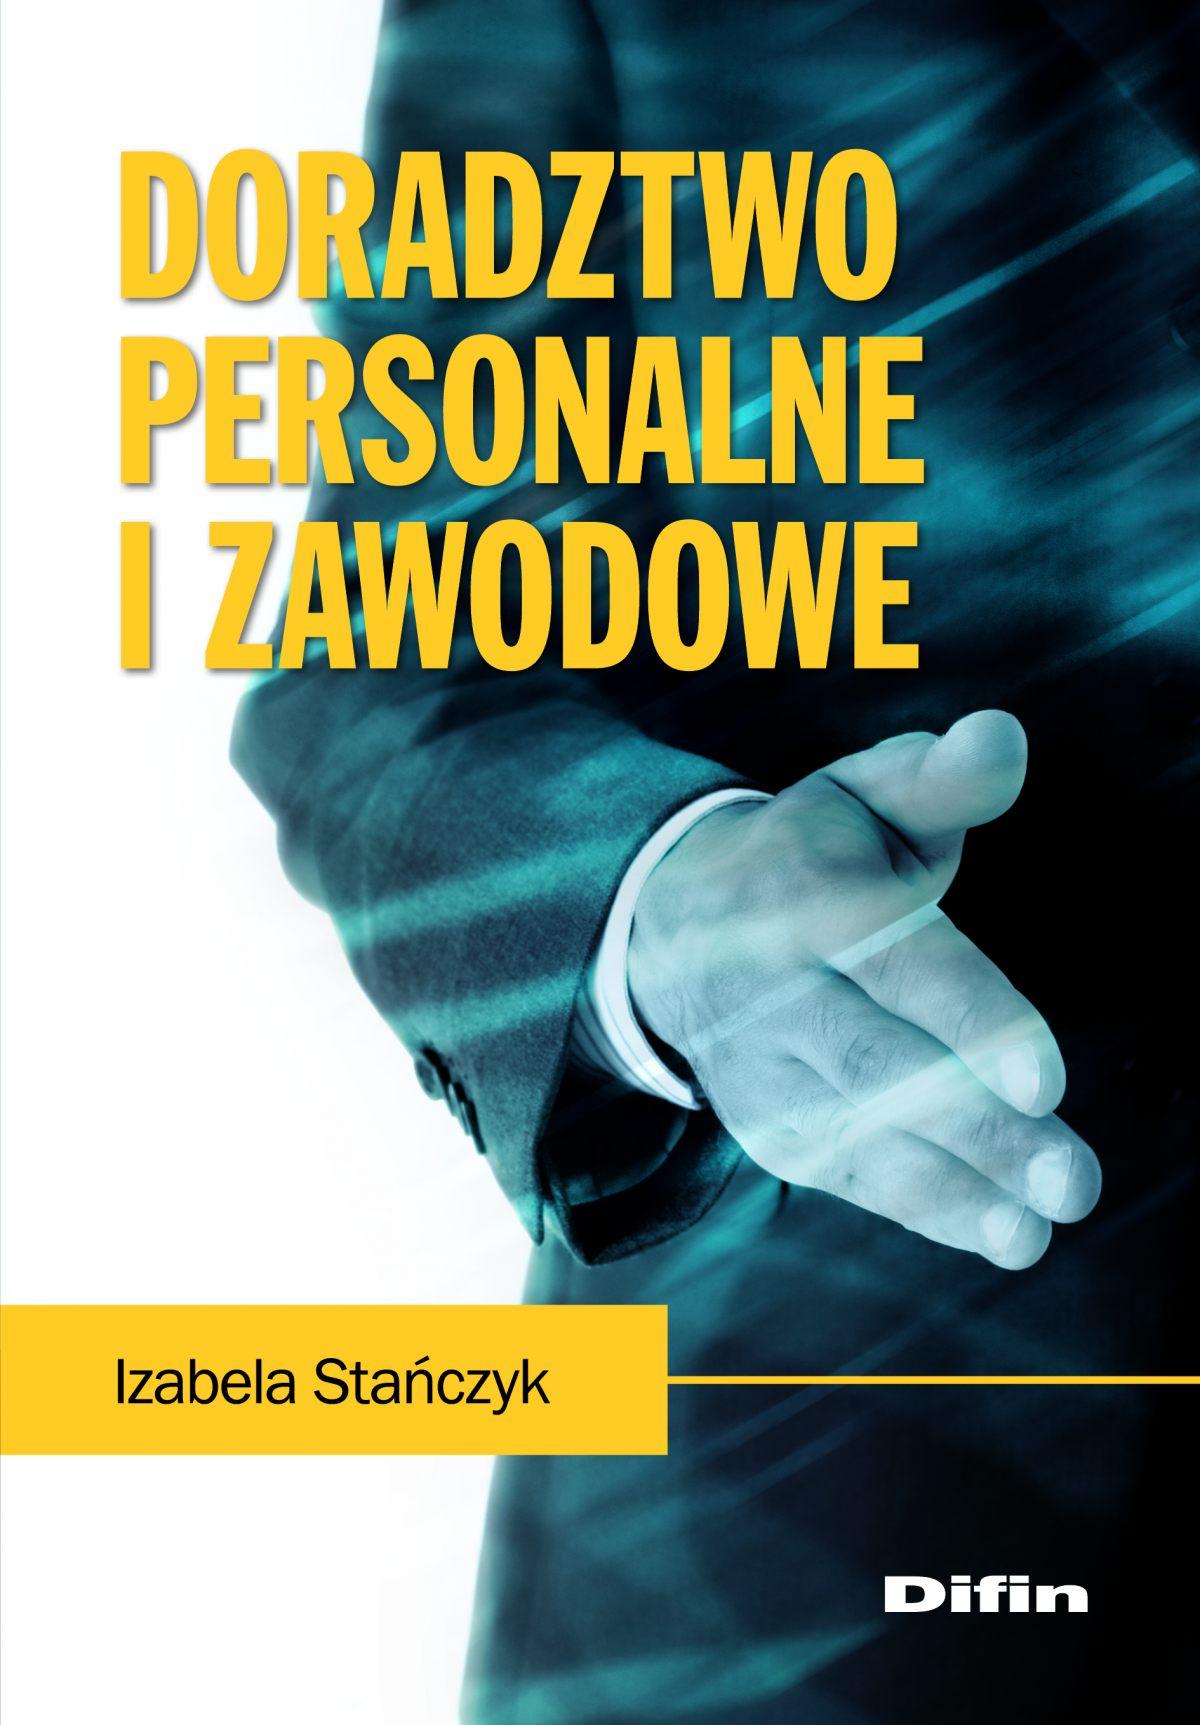 Doradztwo personalne i zawodowe - Ebook (Książka na Kindle) do pobrania w formacie MOBI